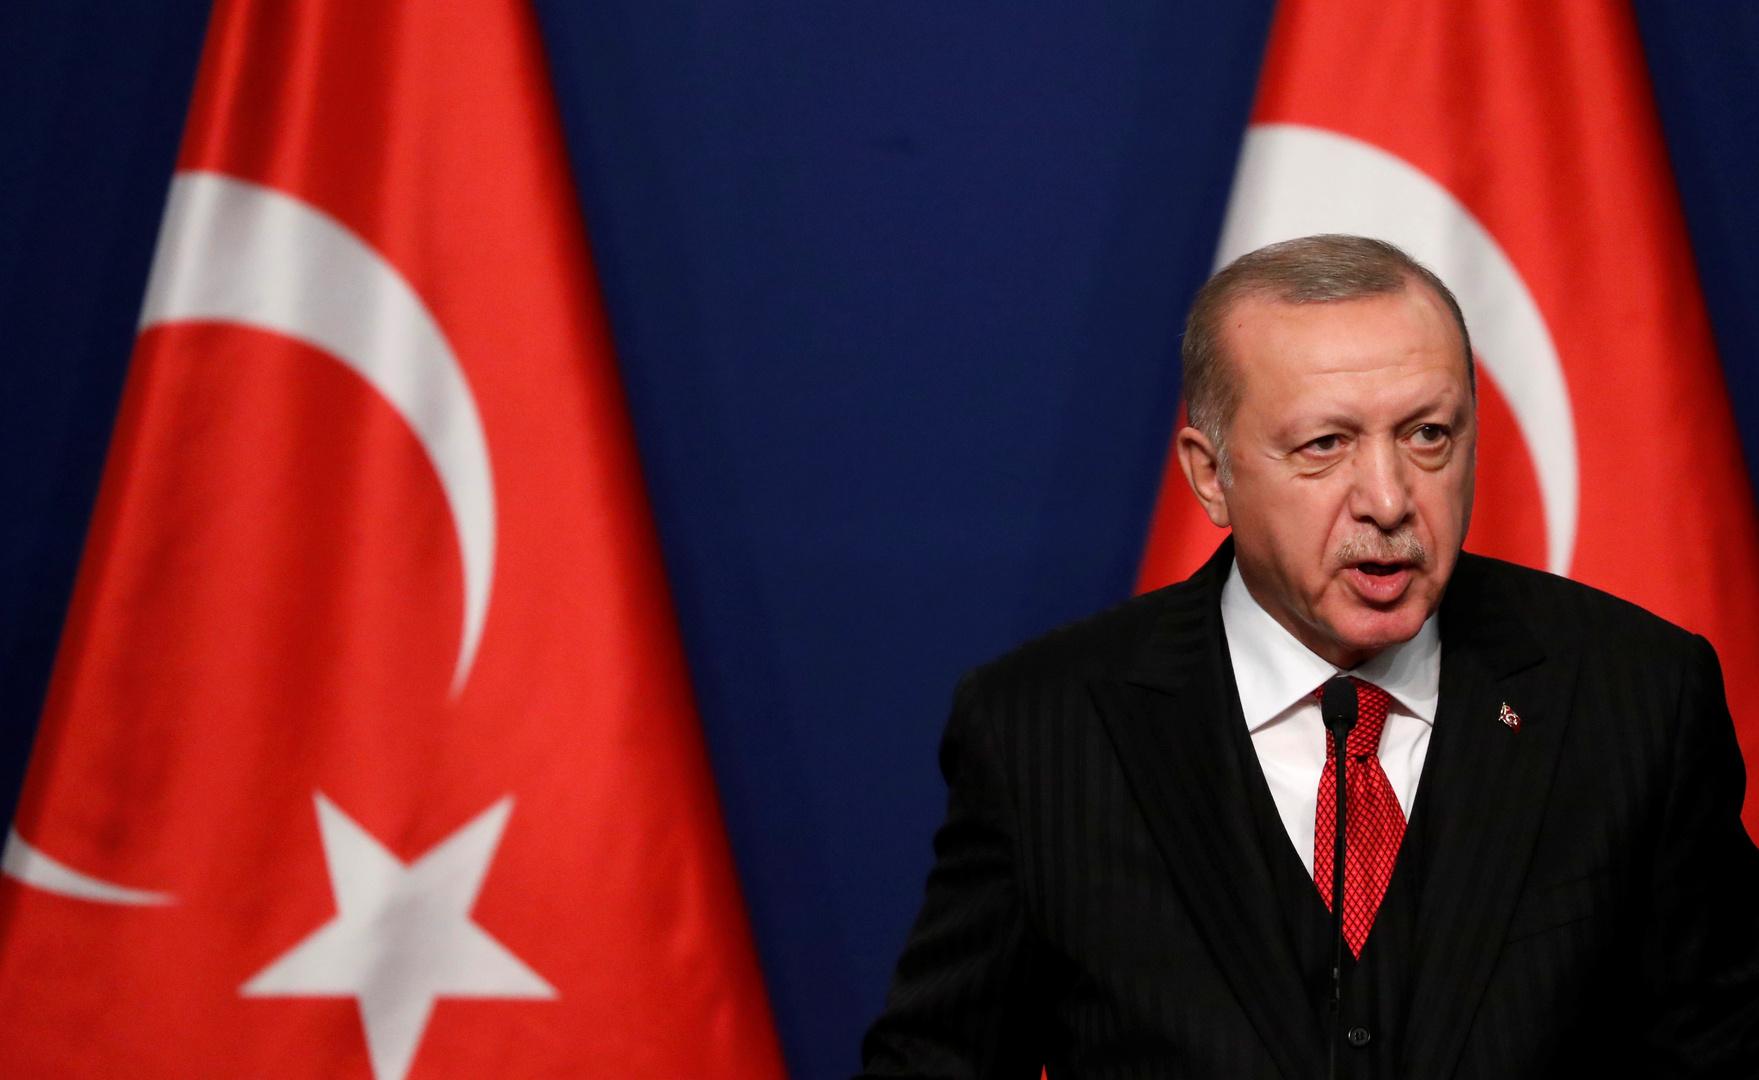 أردوغان يكشف عن تبعات التدخل التركي في الشأن الليبي في